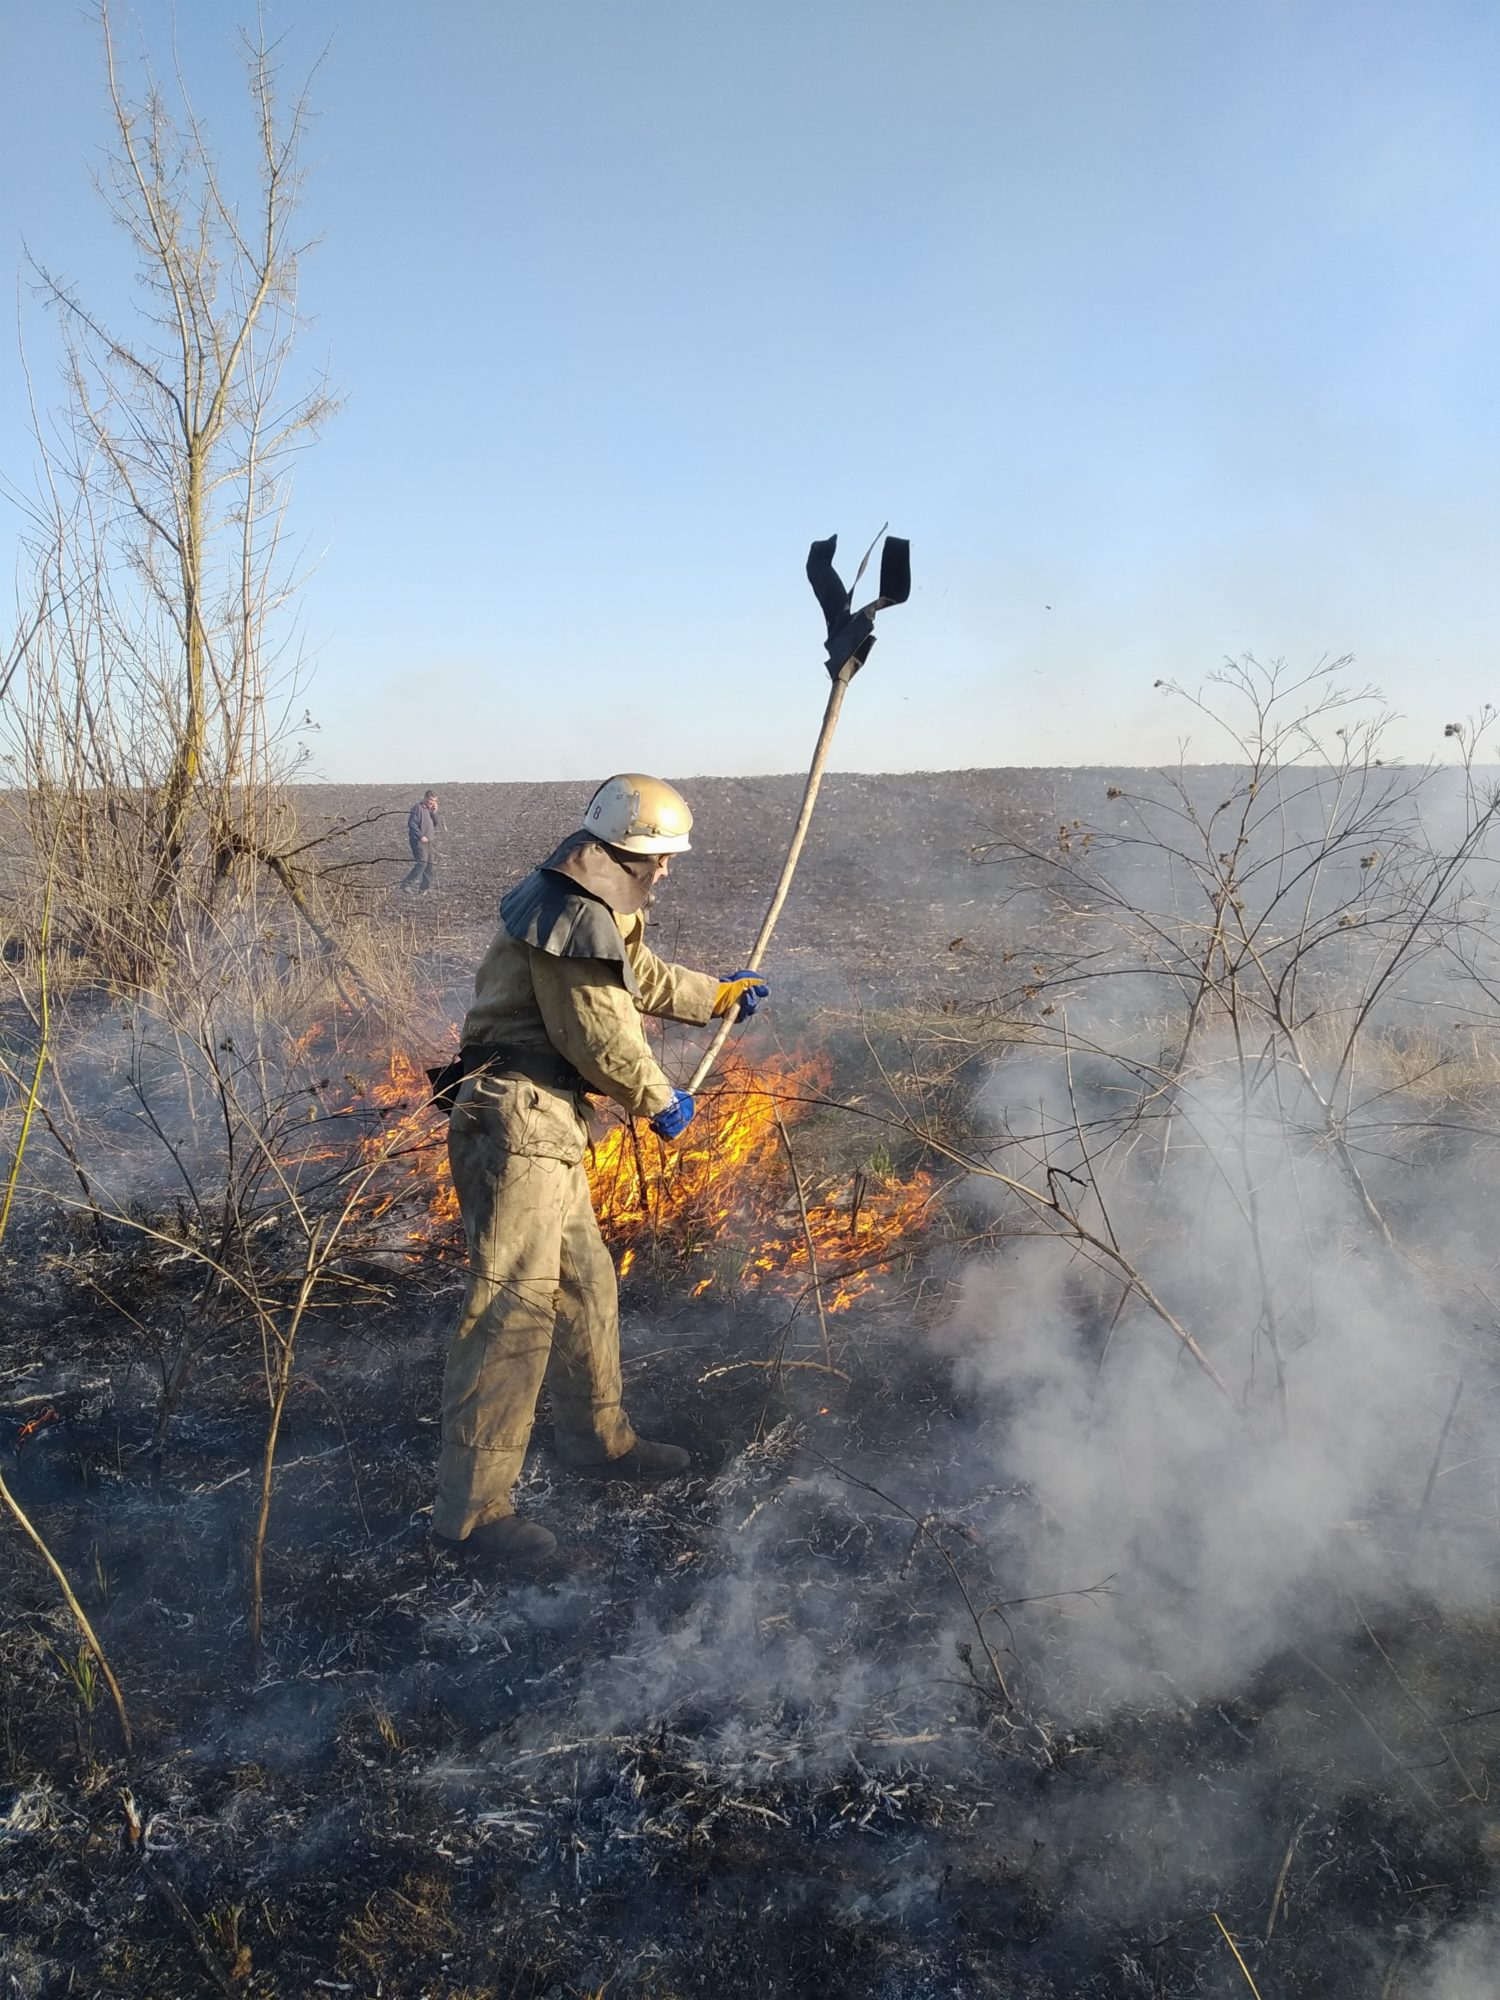 На Київщині знову масово палять траву: рятувальники б'ють на сполох - трав'яний настил, пожежі, київщина - IMG 20200320 161423 1500x2000